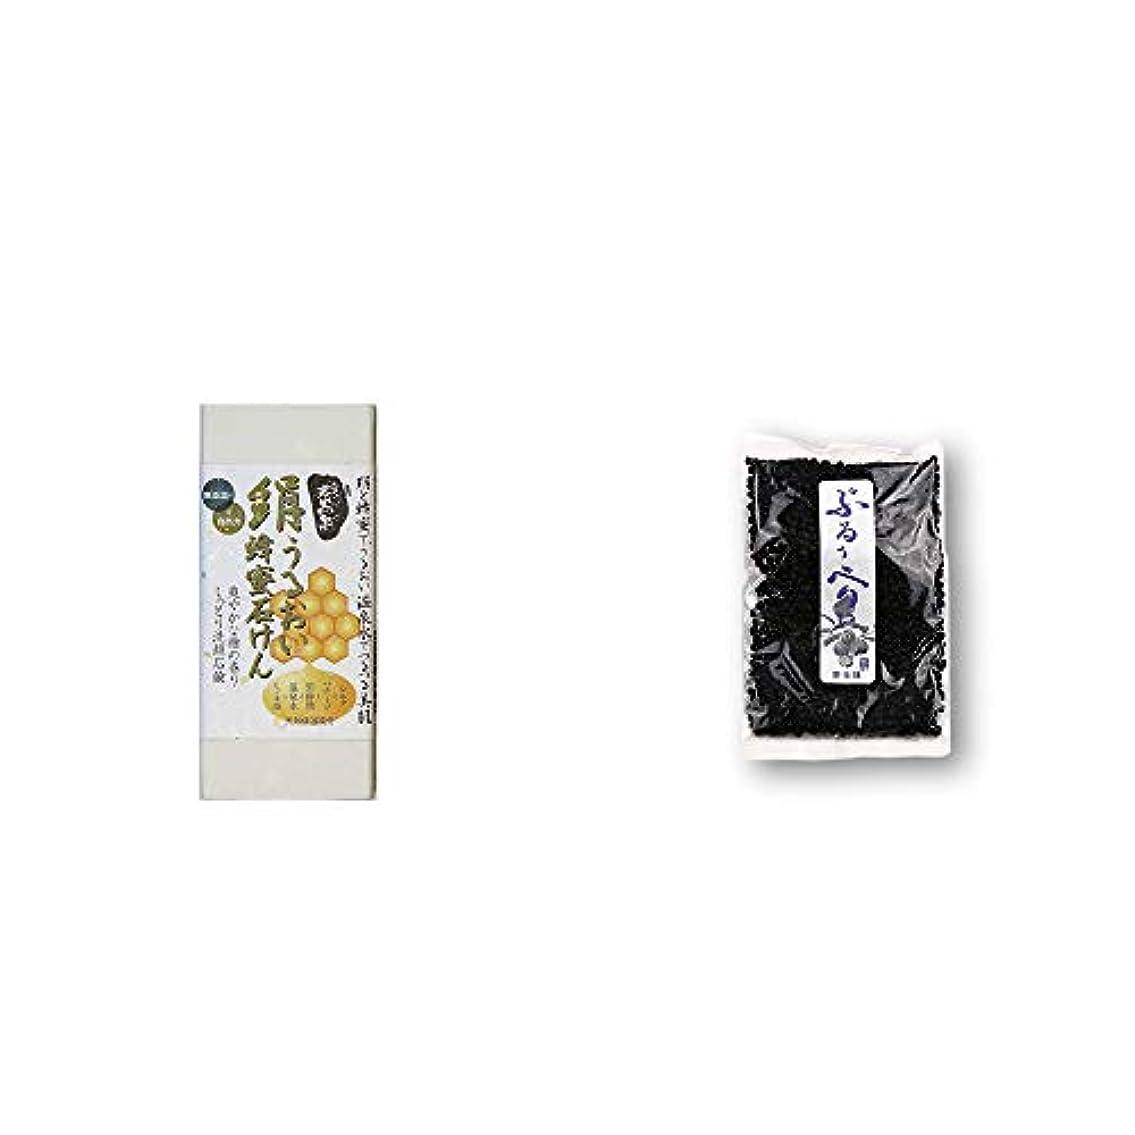 エキスパートサージ農村[2点セット] ひのき炭黒泉 絹うるおい蜂蜜石けん(75g×2)?野生種ぶるぅべりぃ(260g)